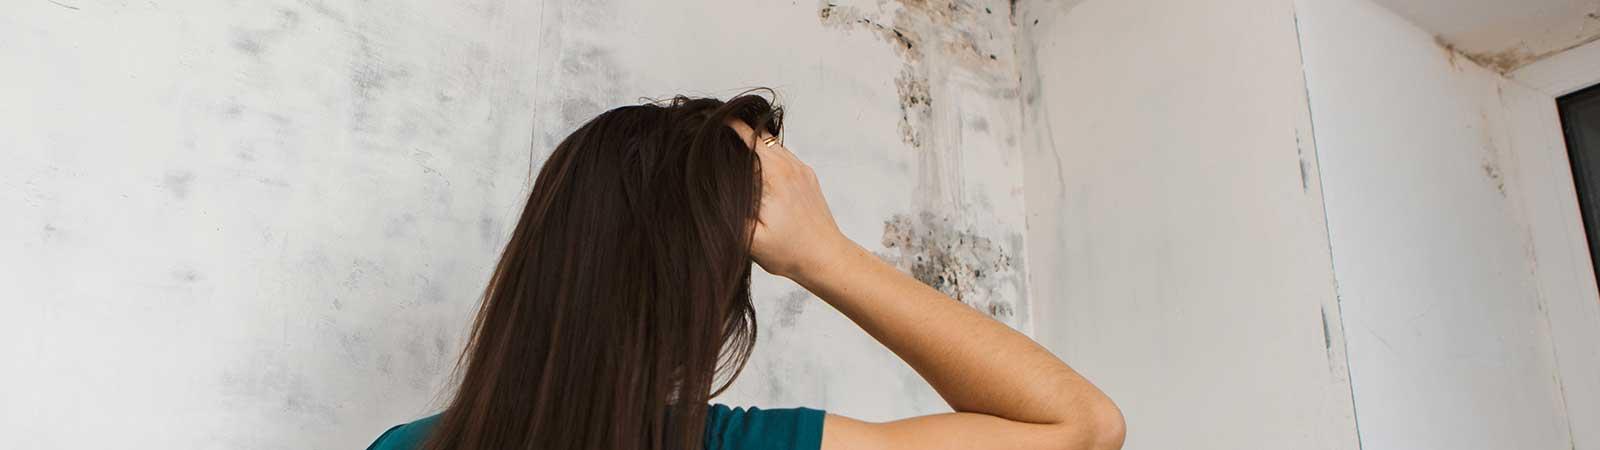 Schimmel im Haus - Ursachen, Prävention, Gegenmittel